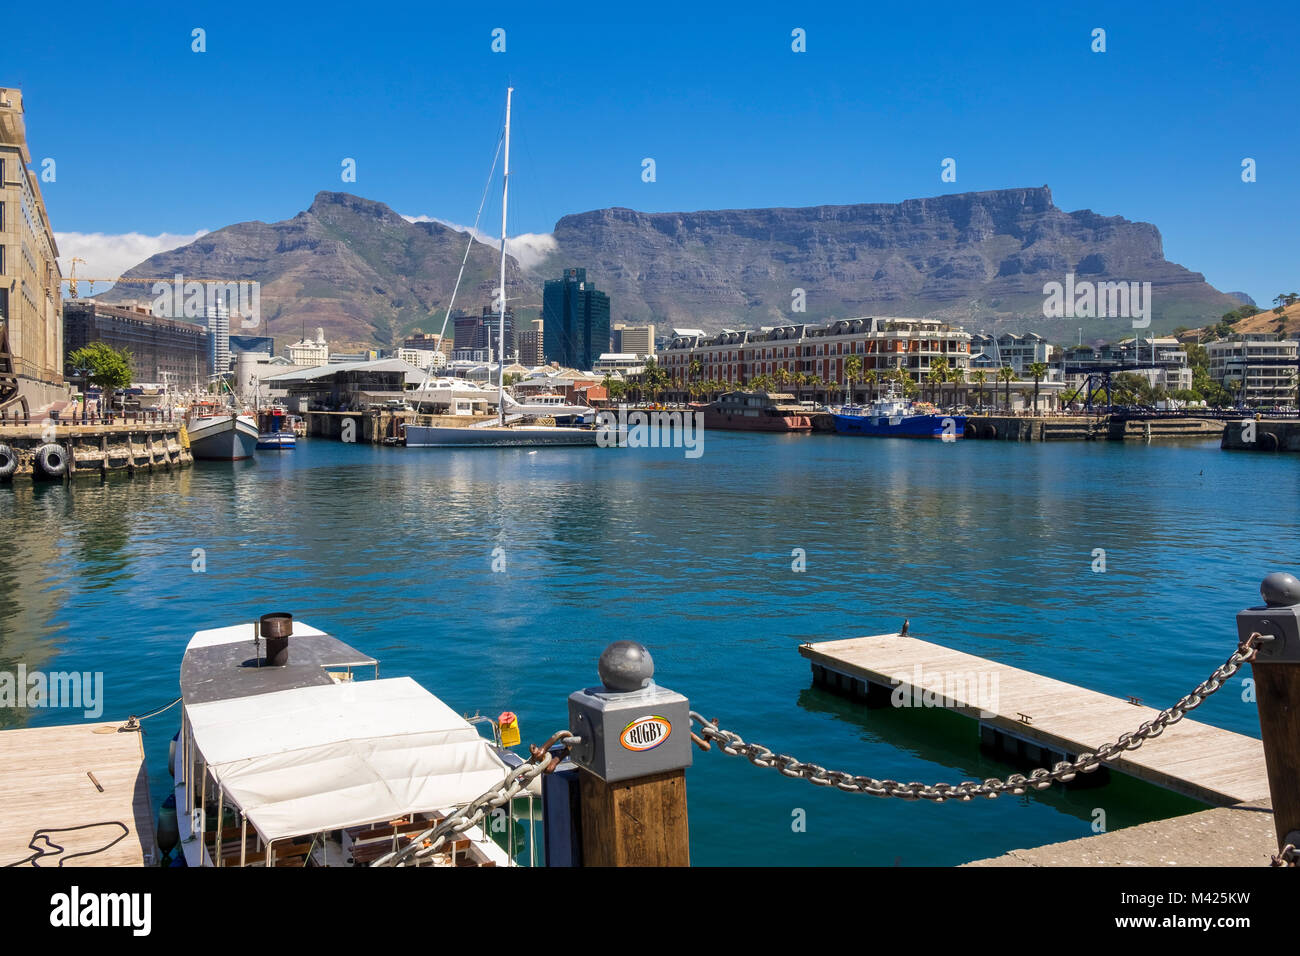 V&A Waterfront, Città del Capo, Sud Africa, con barche nel porto turistico, il Cape Grace Hotel con Table Mountain Foto Stock